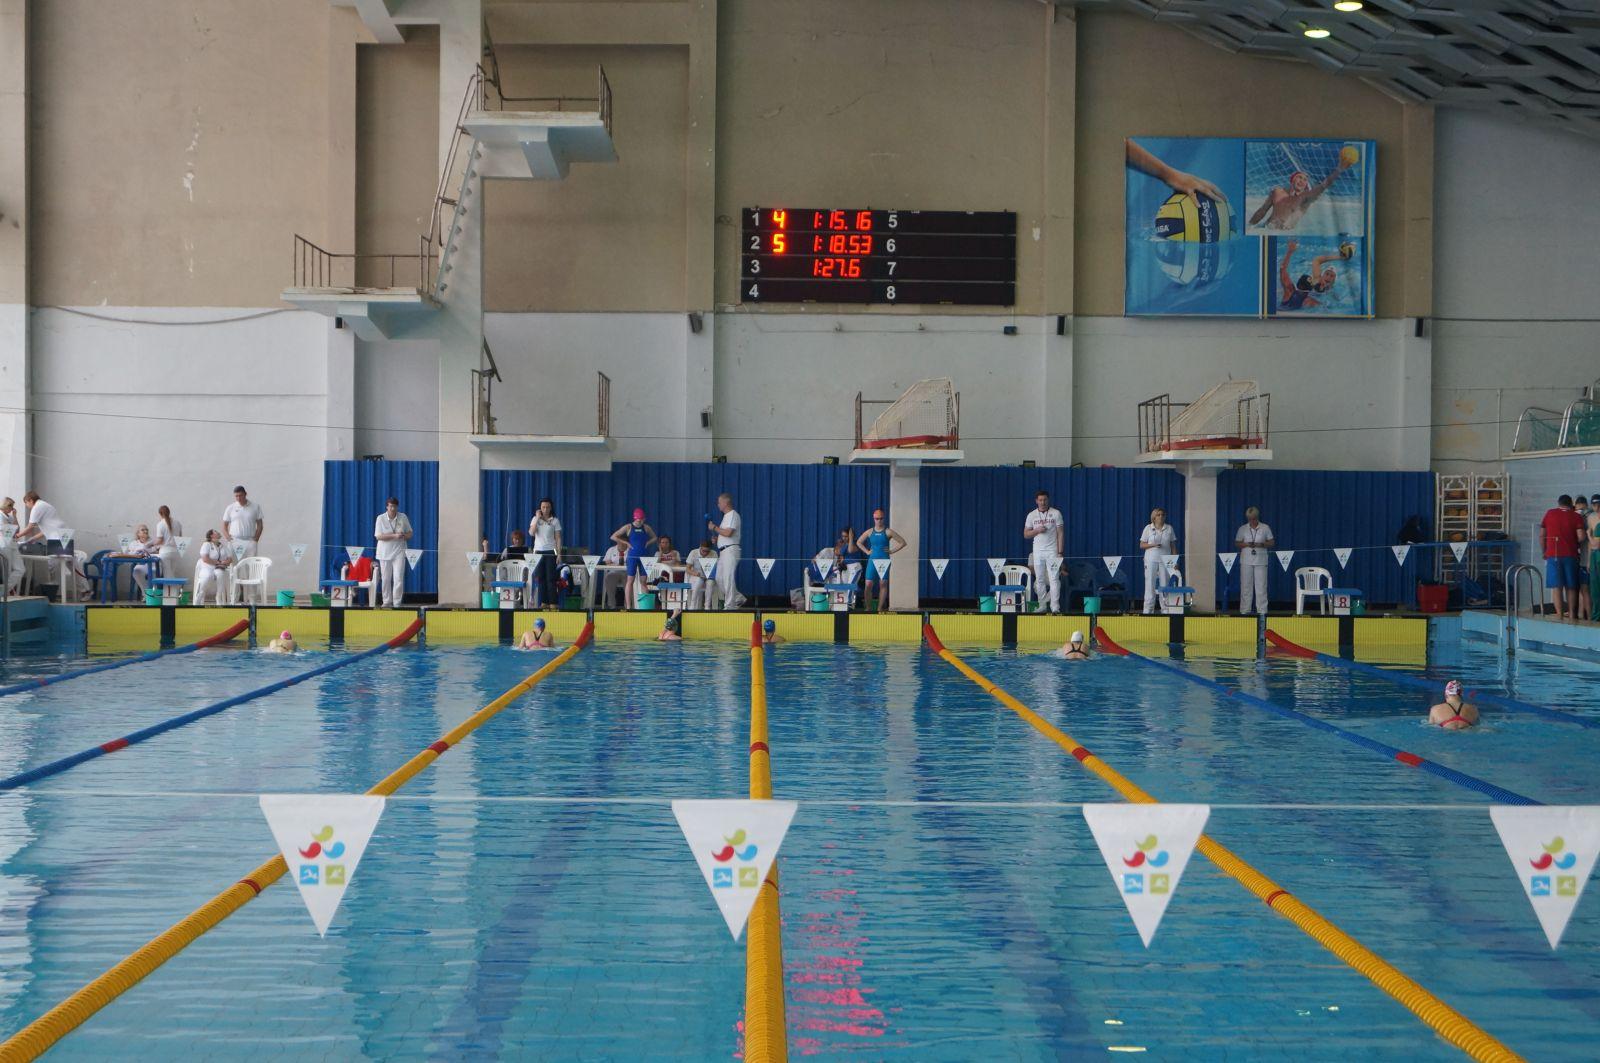 Около 300 пловцов вышли на старты чемпионатов России спорта лиц с ПОДА и нарушением зрения и Кубка России спорта ЛИН